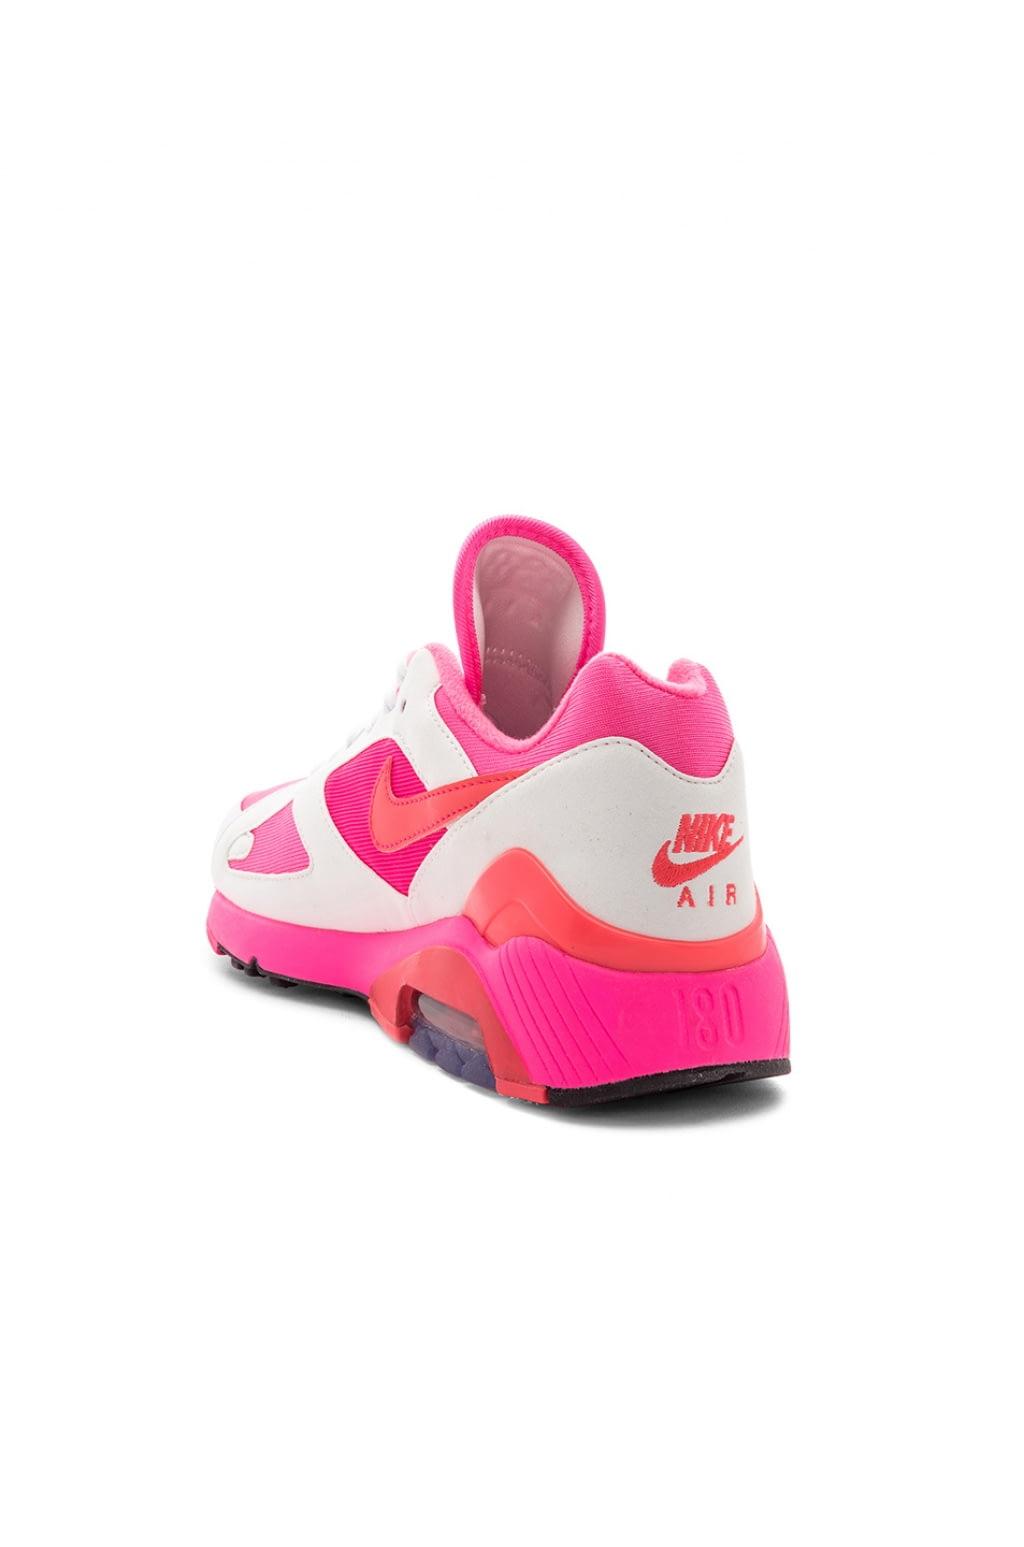 ... Comme Des Garcons Homme Plus x Nike Air Max 180 ...